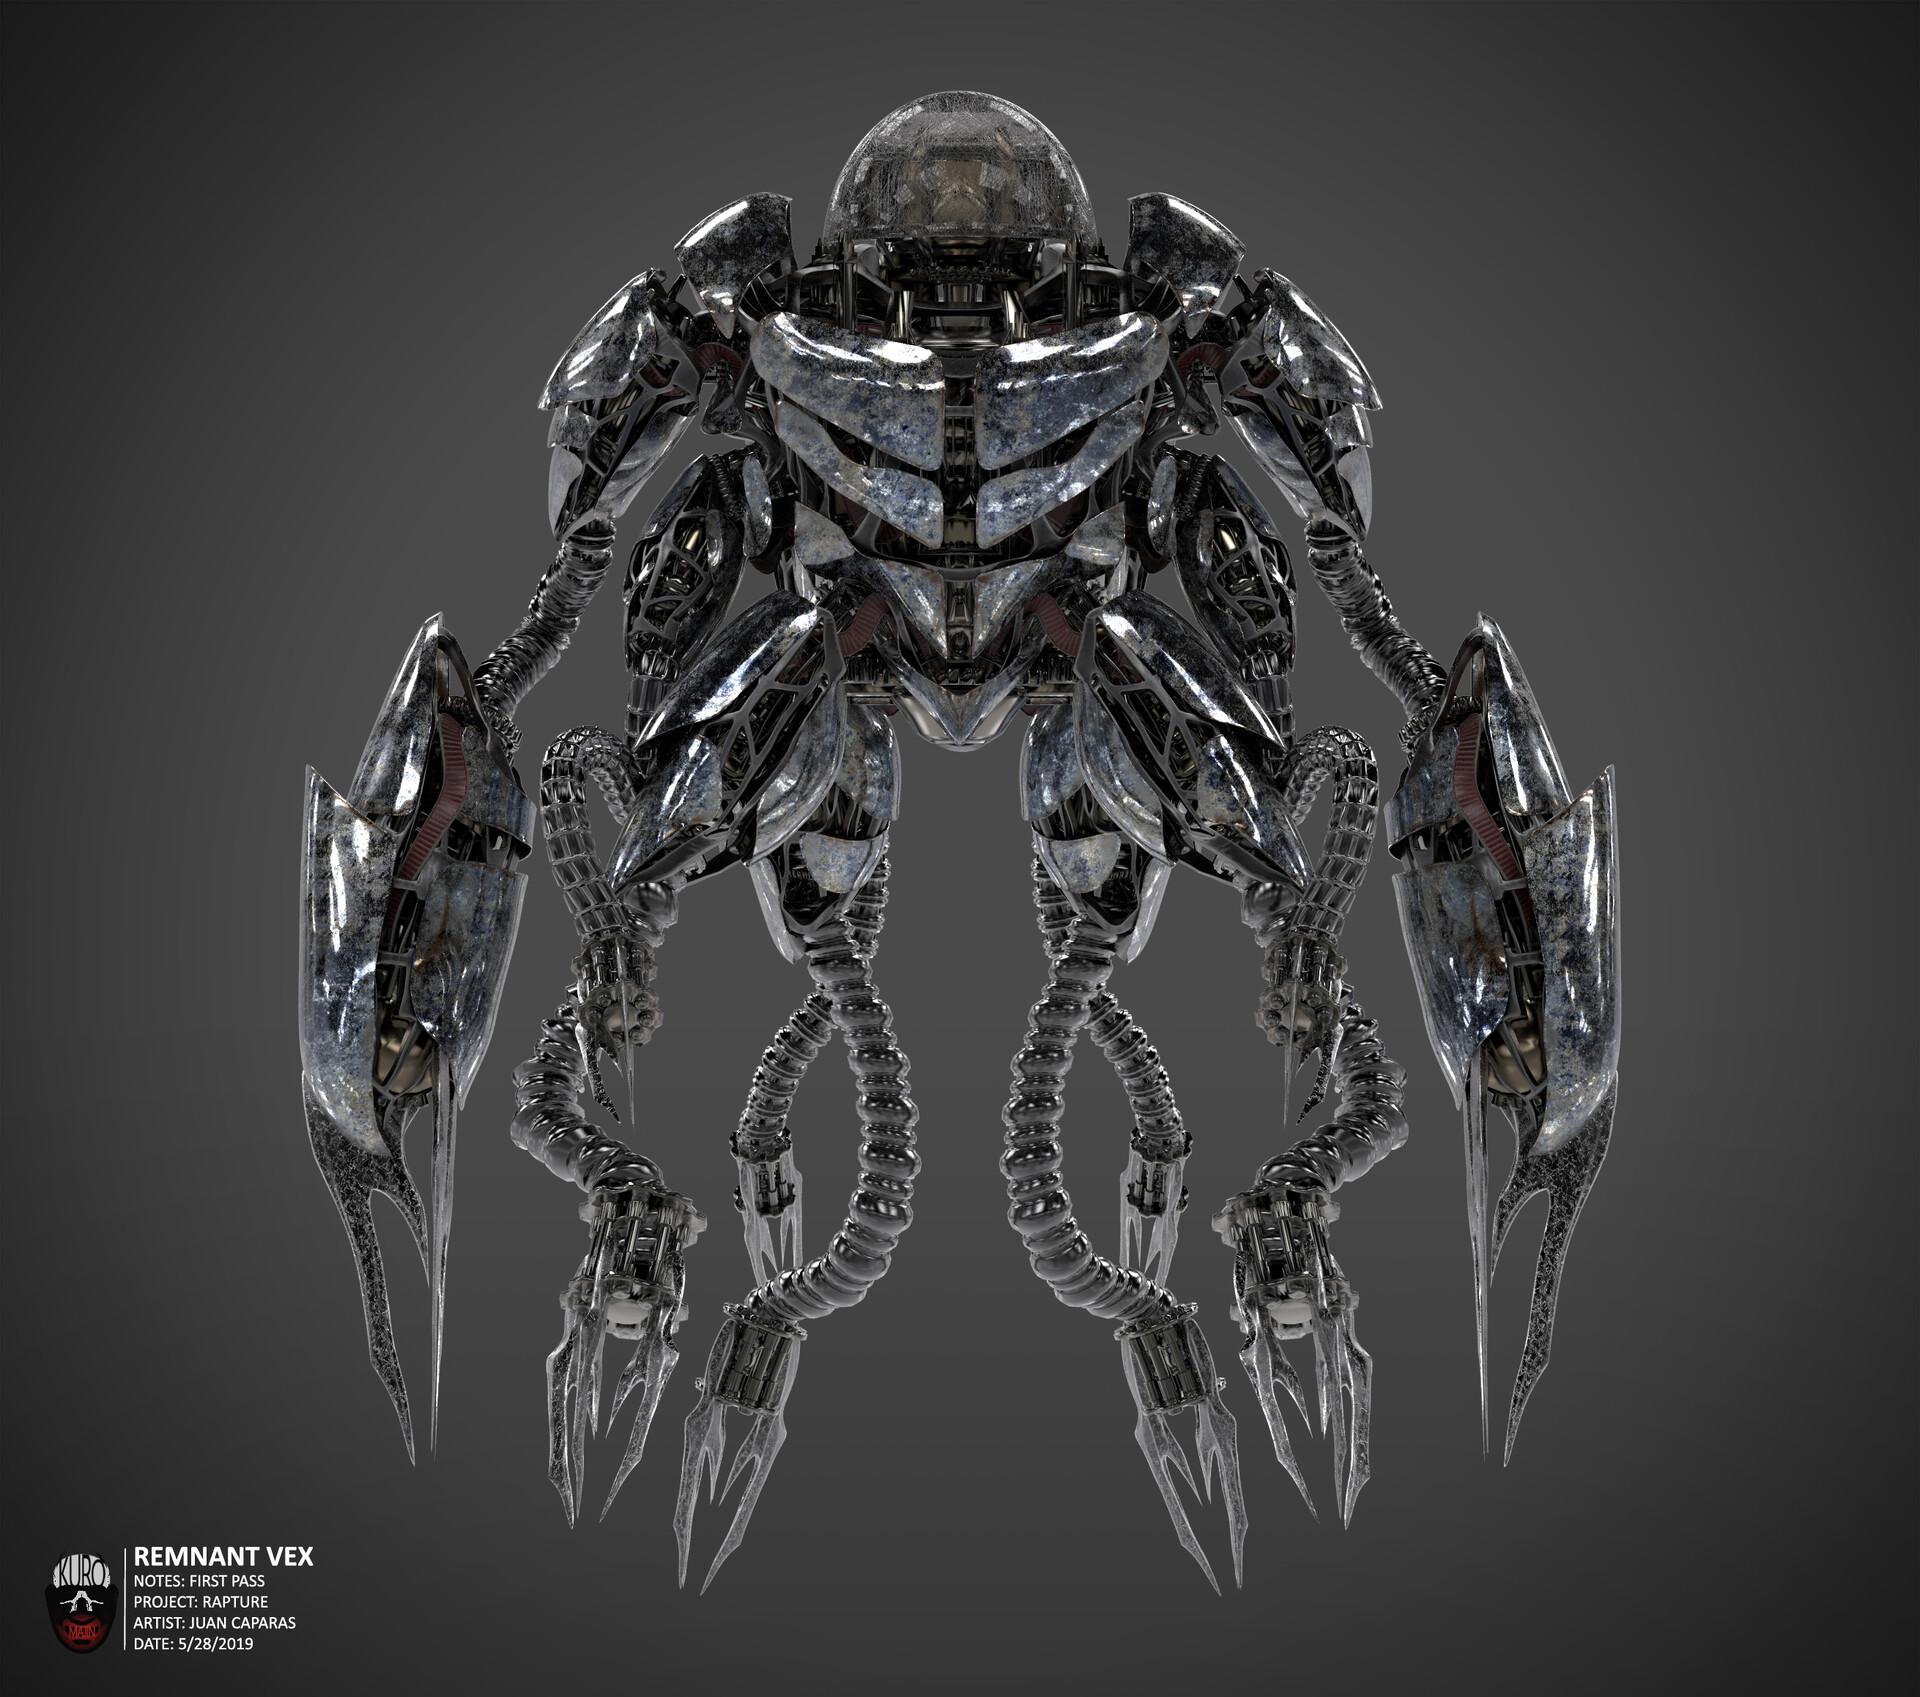 Remnant Vex Concept   Kuro Majin Productions